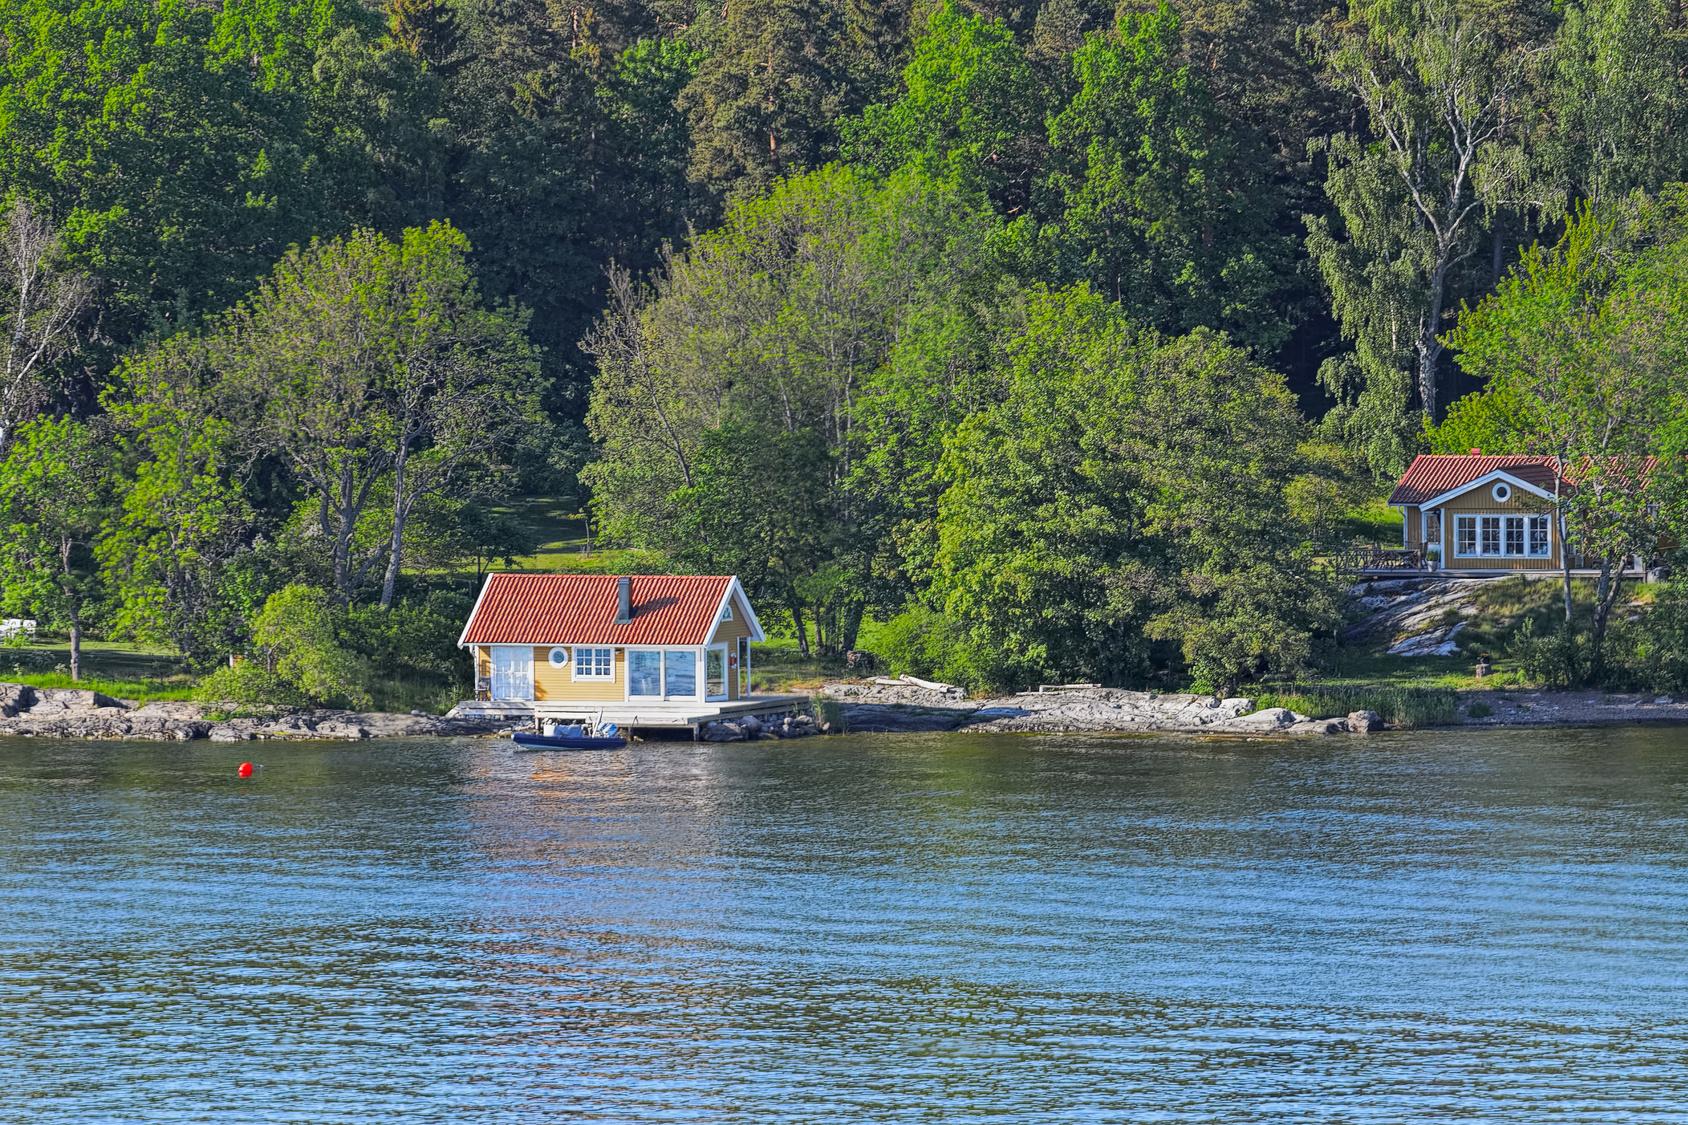 Wooden cabin on rocky shore of Stockholm archipelago, Sweden